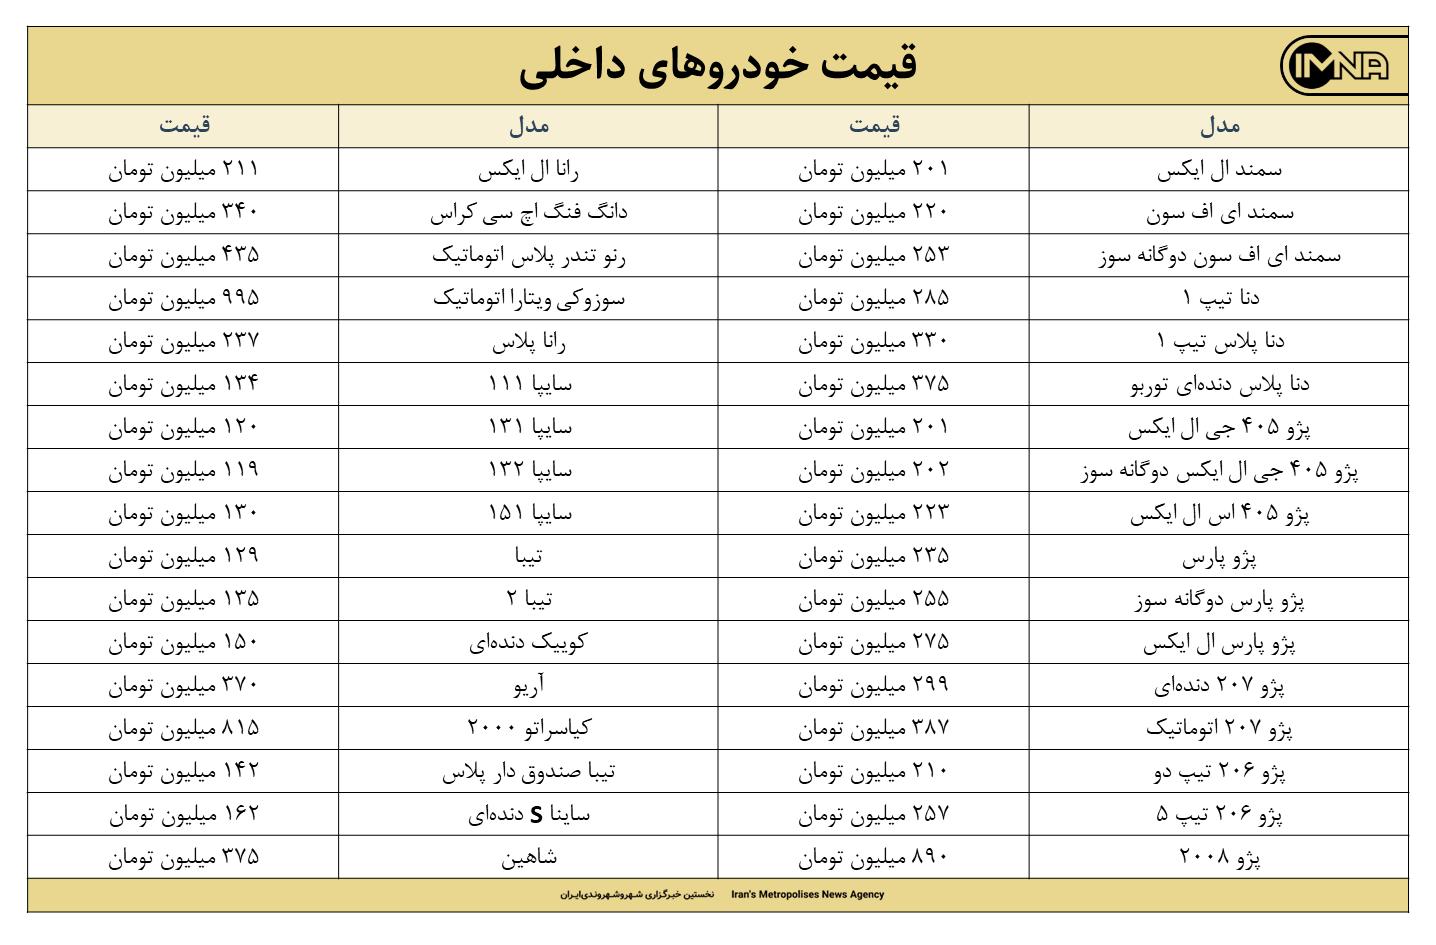 قیمت روز خودرو امروز 9 تیرماه ۱۴۰۰ + جزئیات قیمت ایران خودرو و سایپا